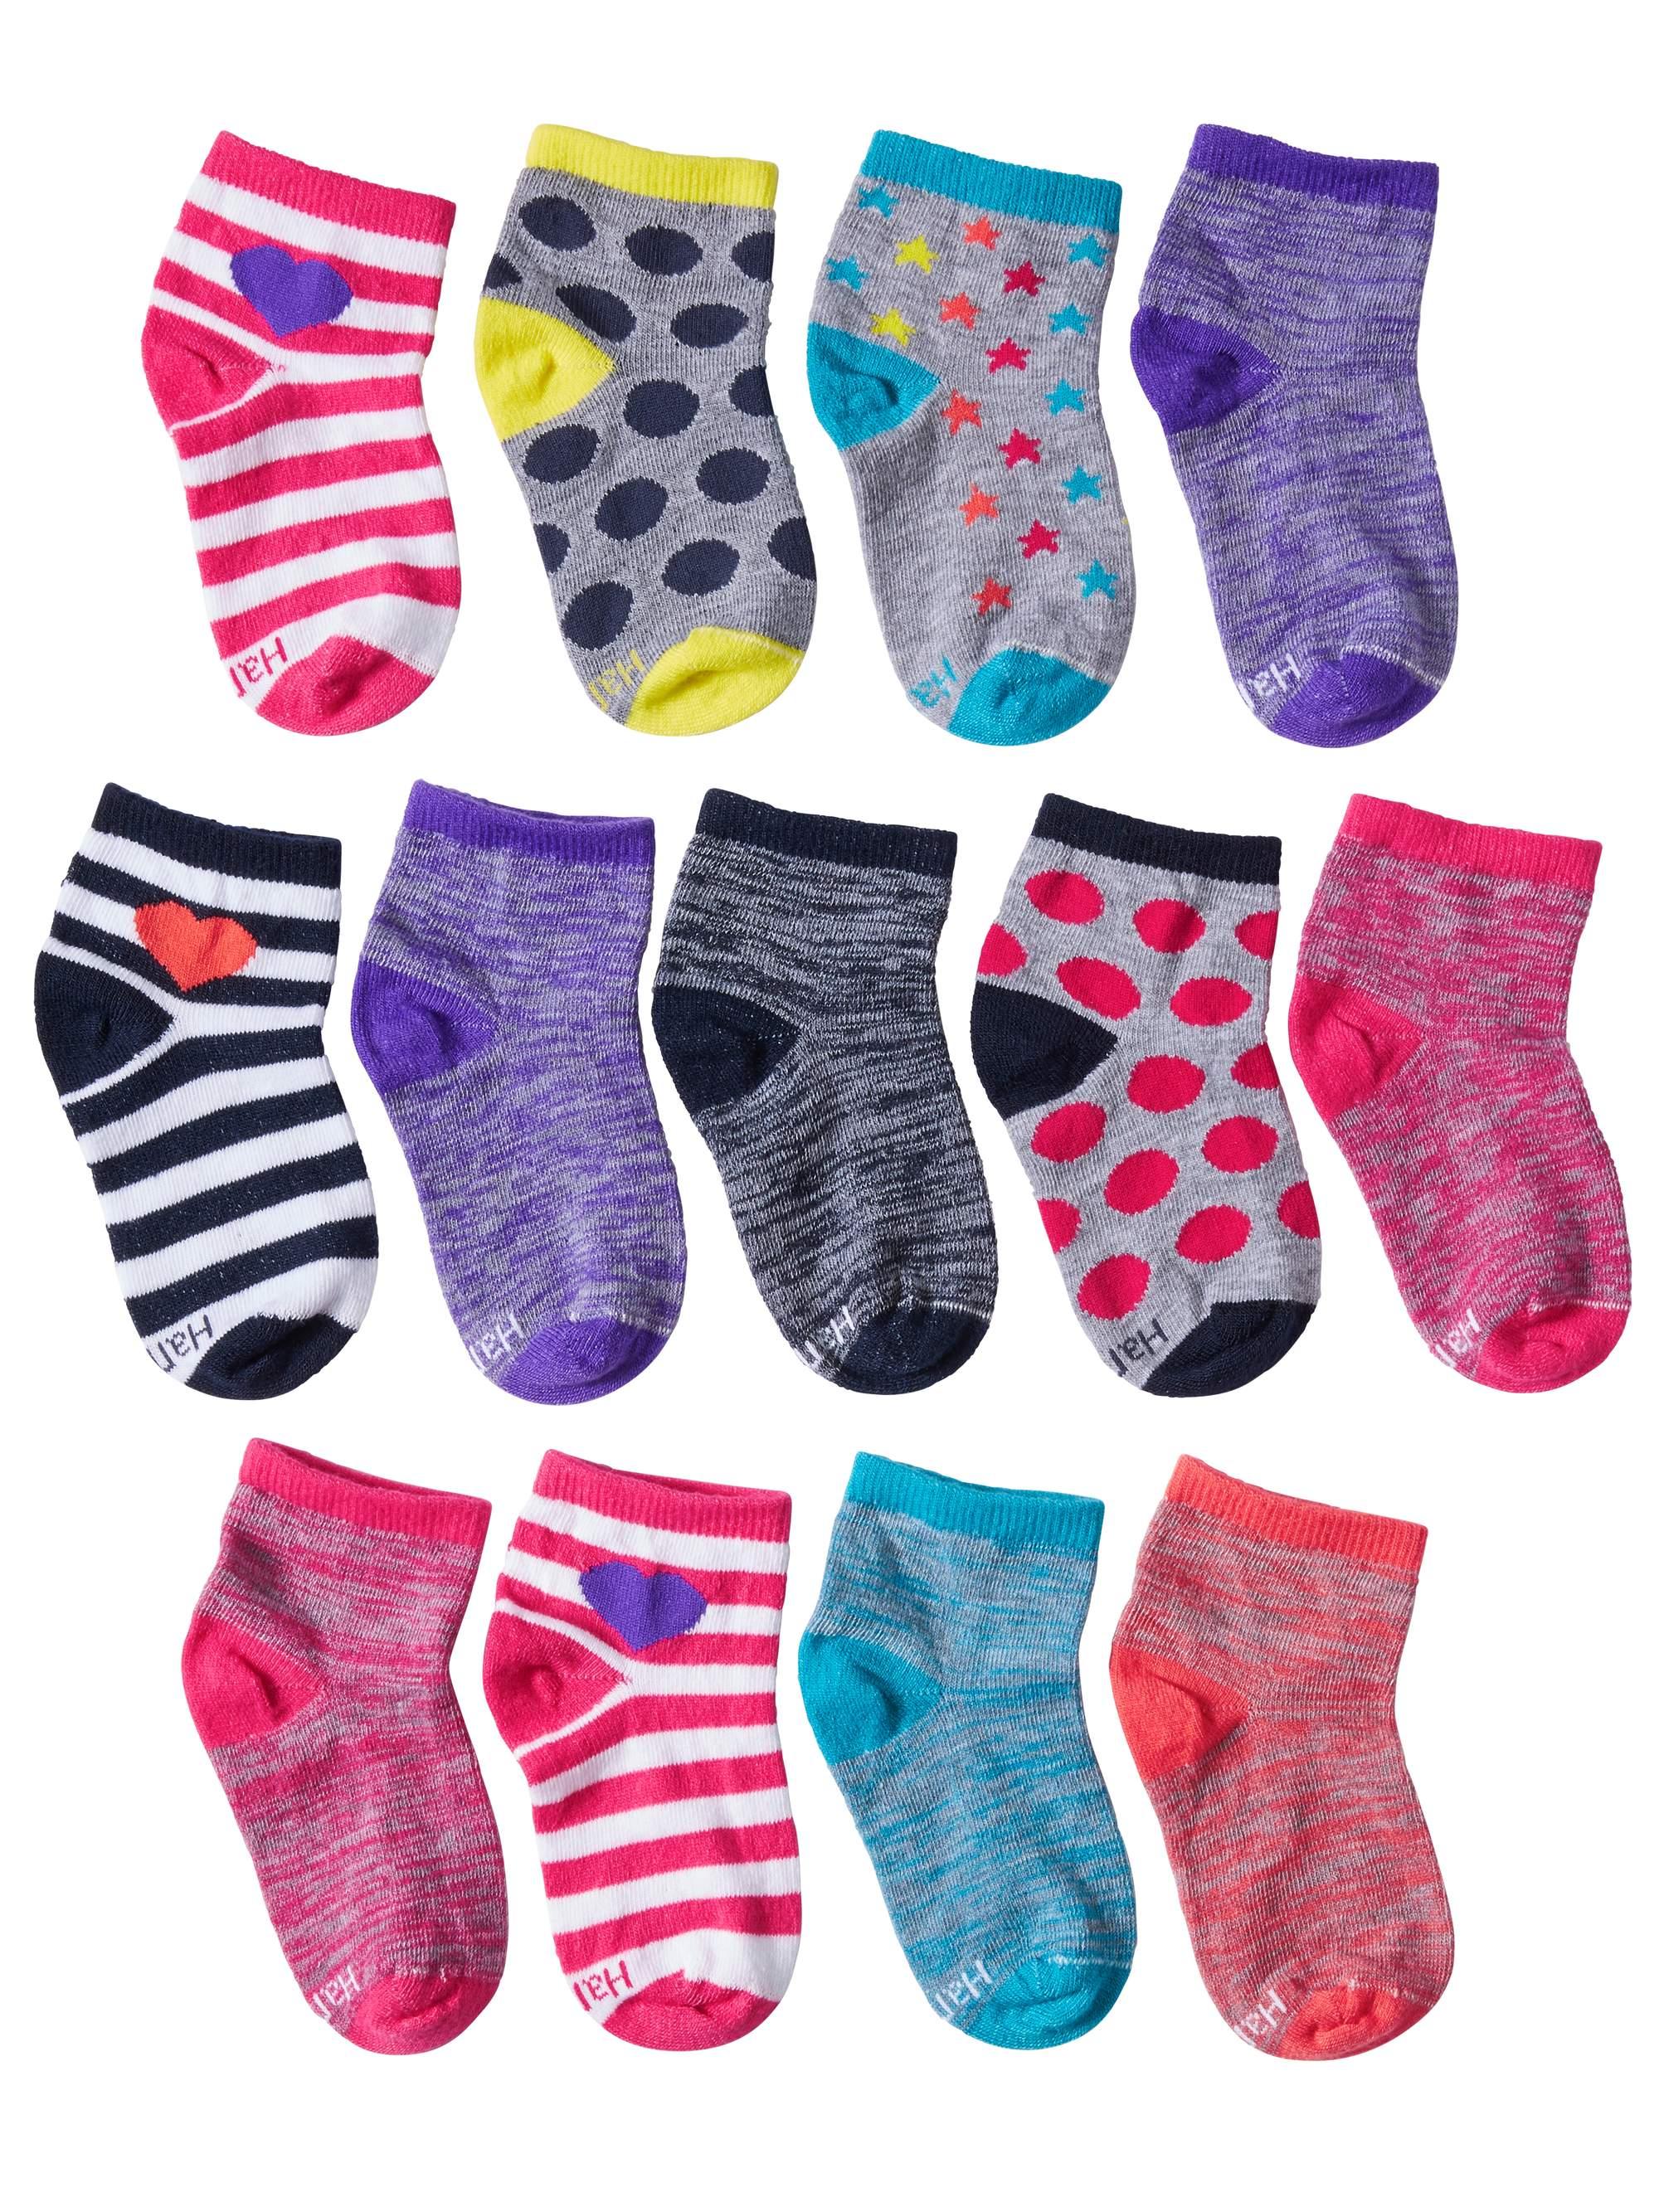 Hanes Lightweight Ankle Socks, 10 + 3 Bonus Pack (Little Girls & Big Girls)